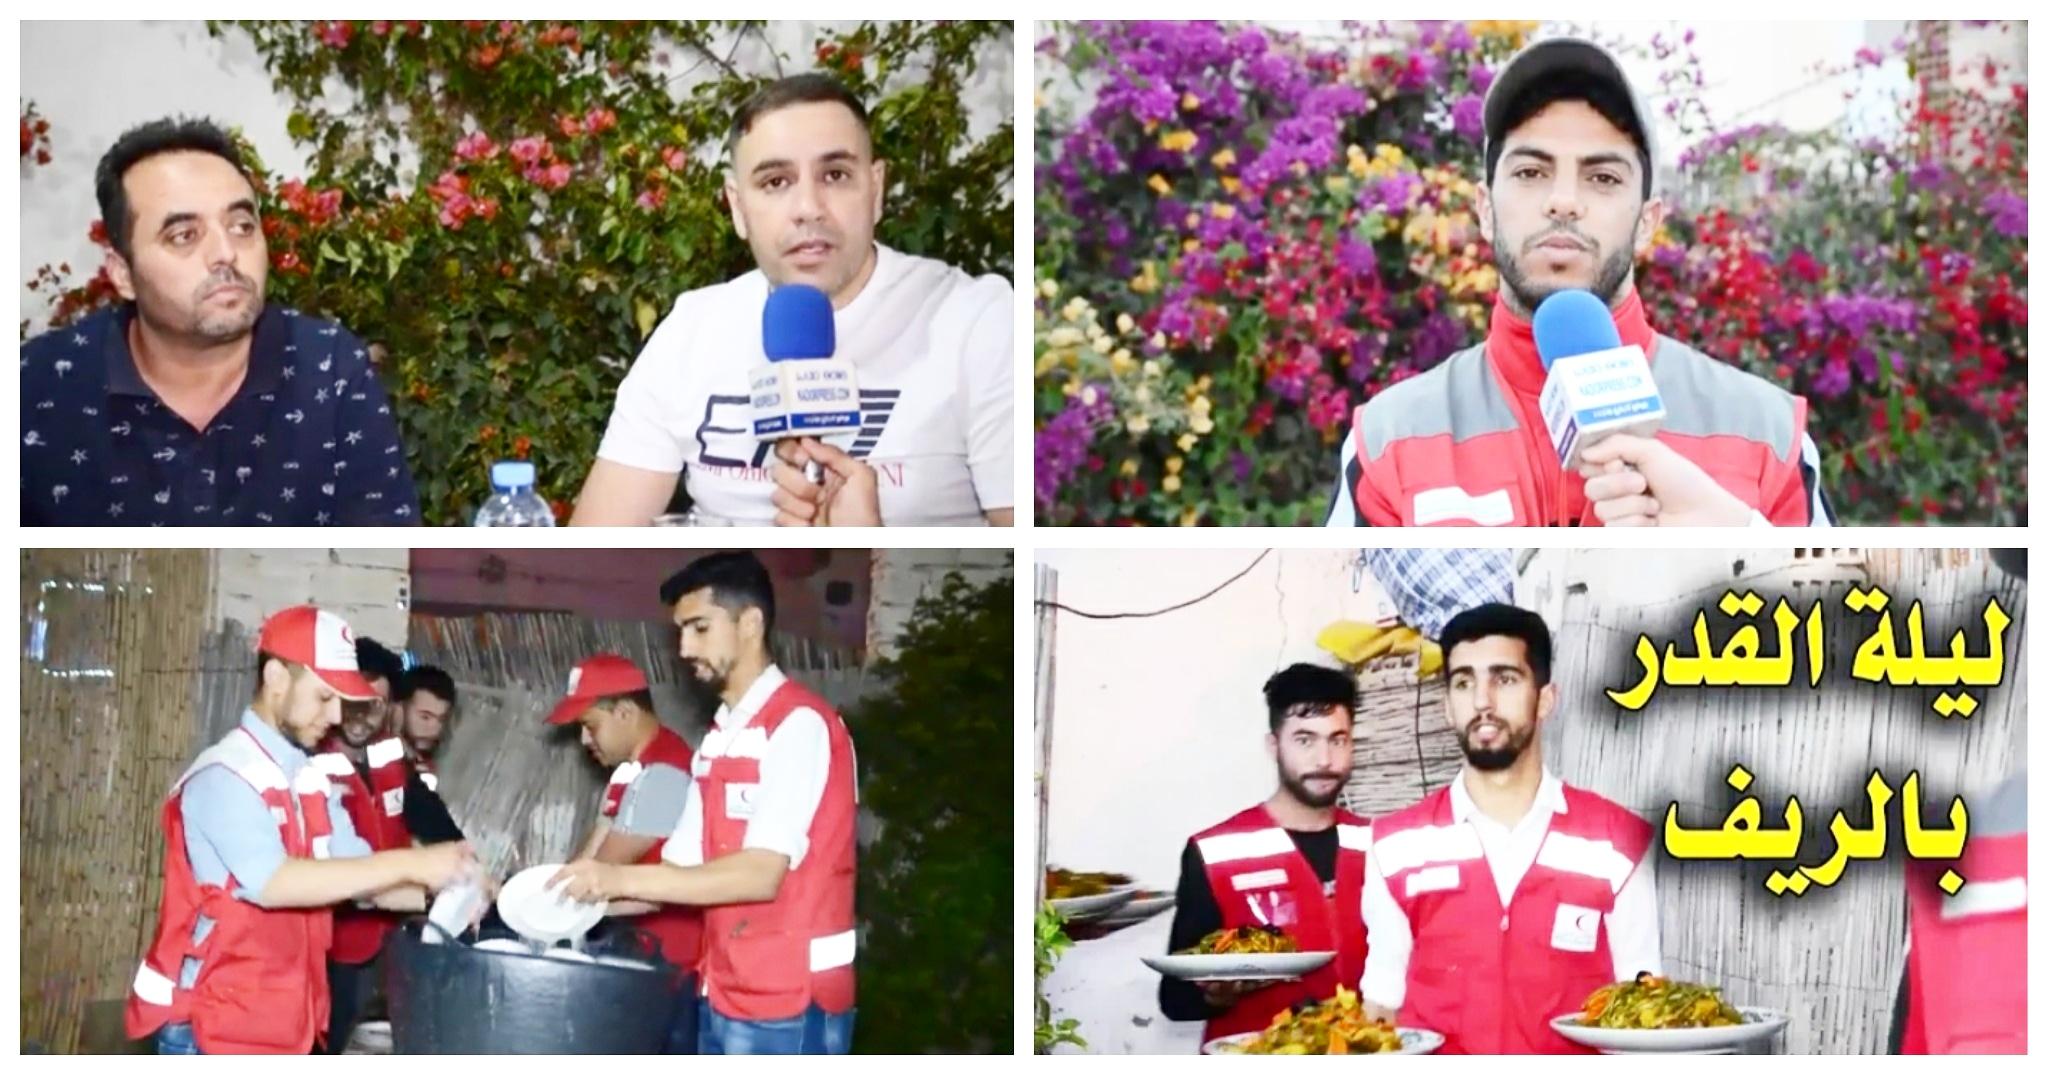 بالفيديو.. شاهدوا ما الذي قام به شباب بالريف في ليلة القدر من شهر رمضان المبارك